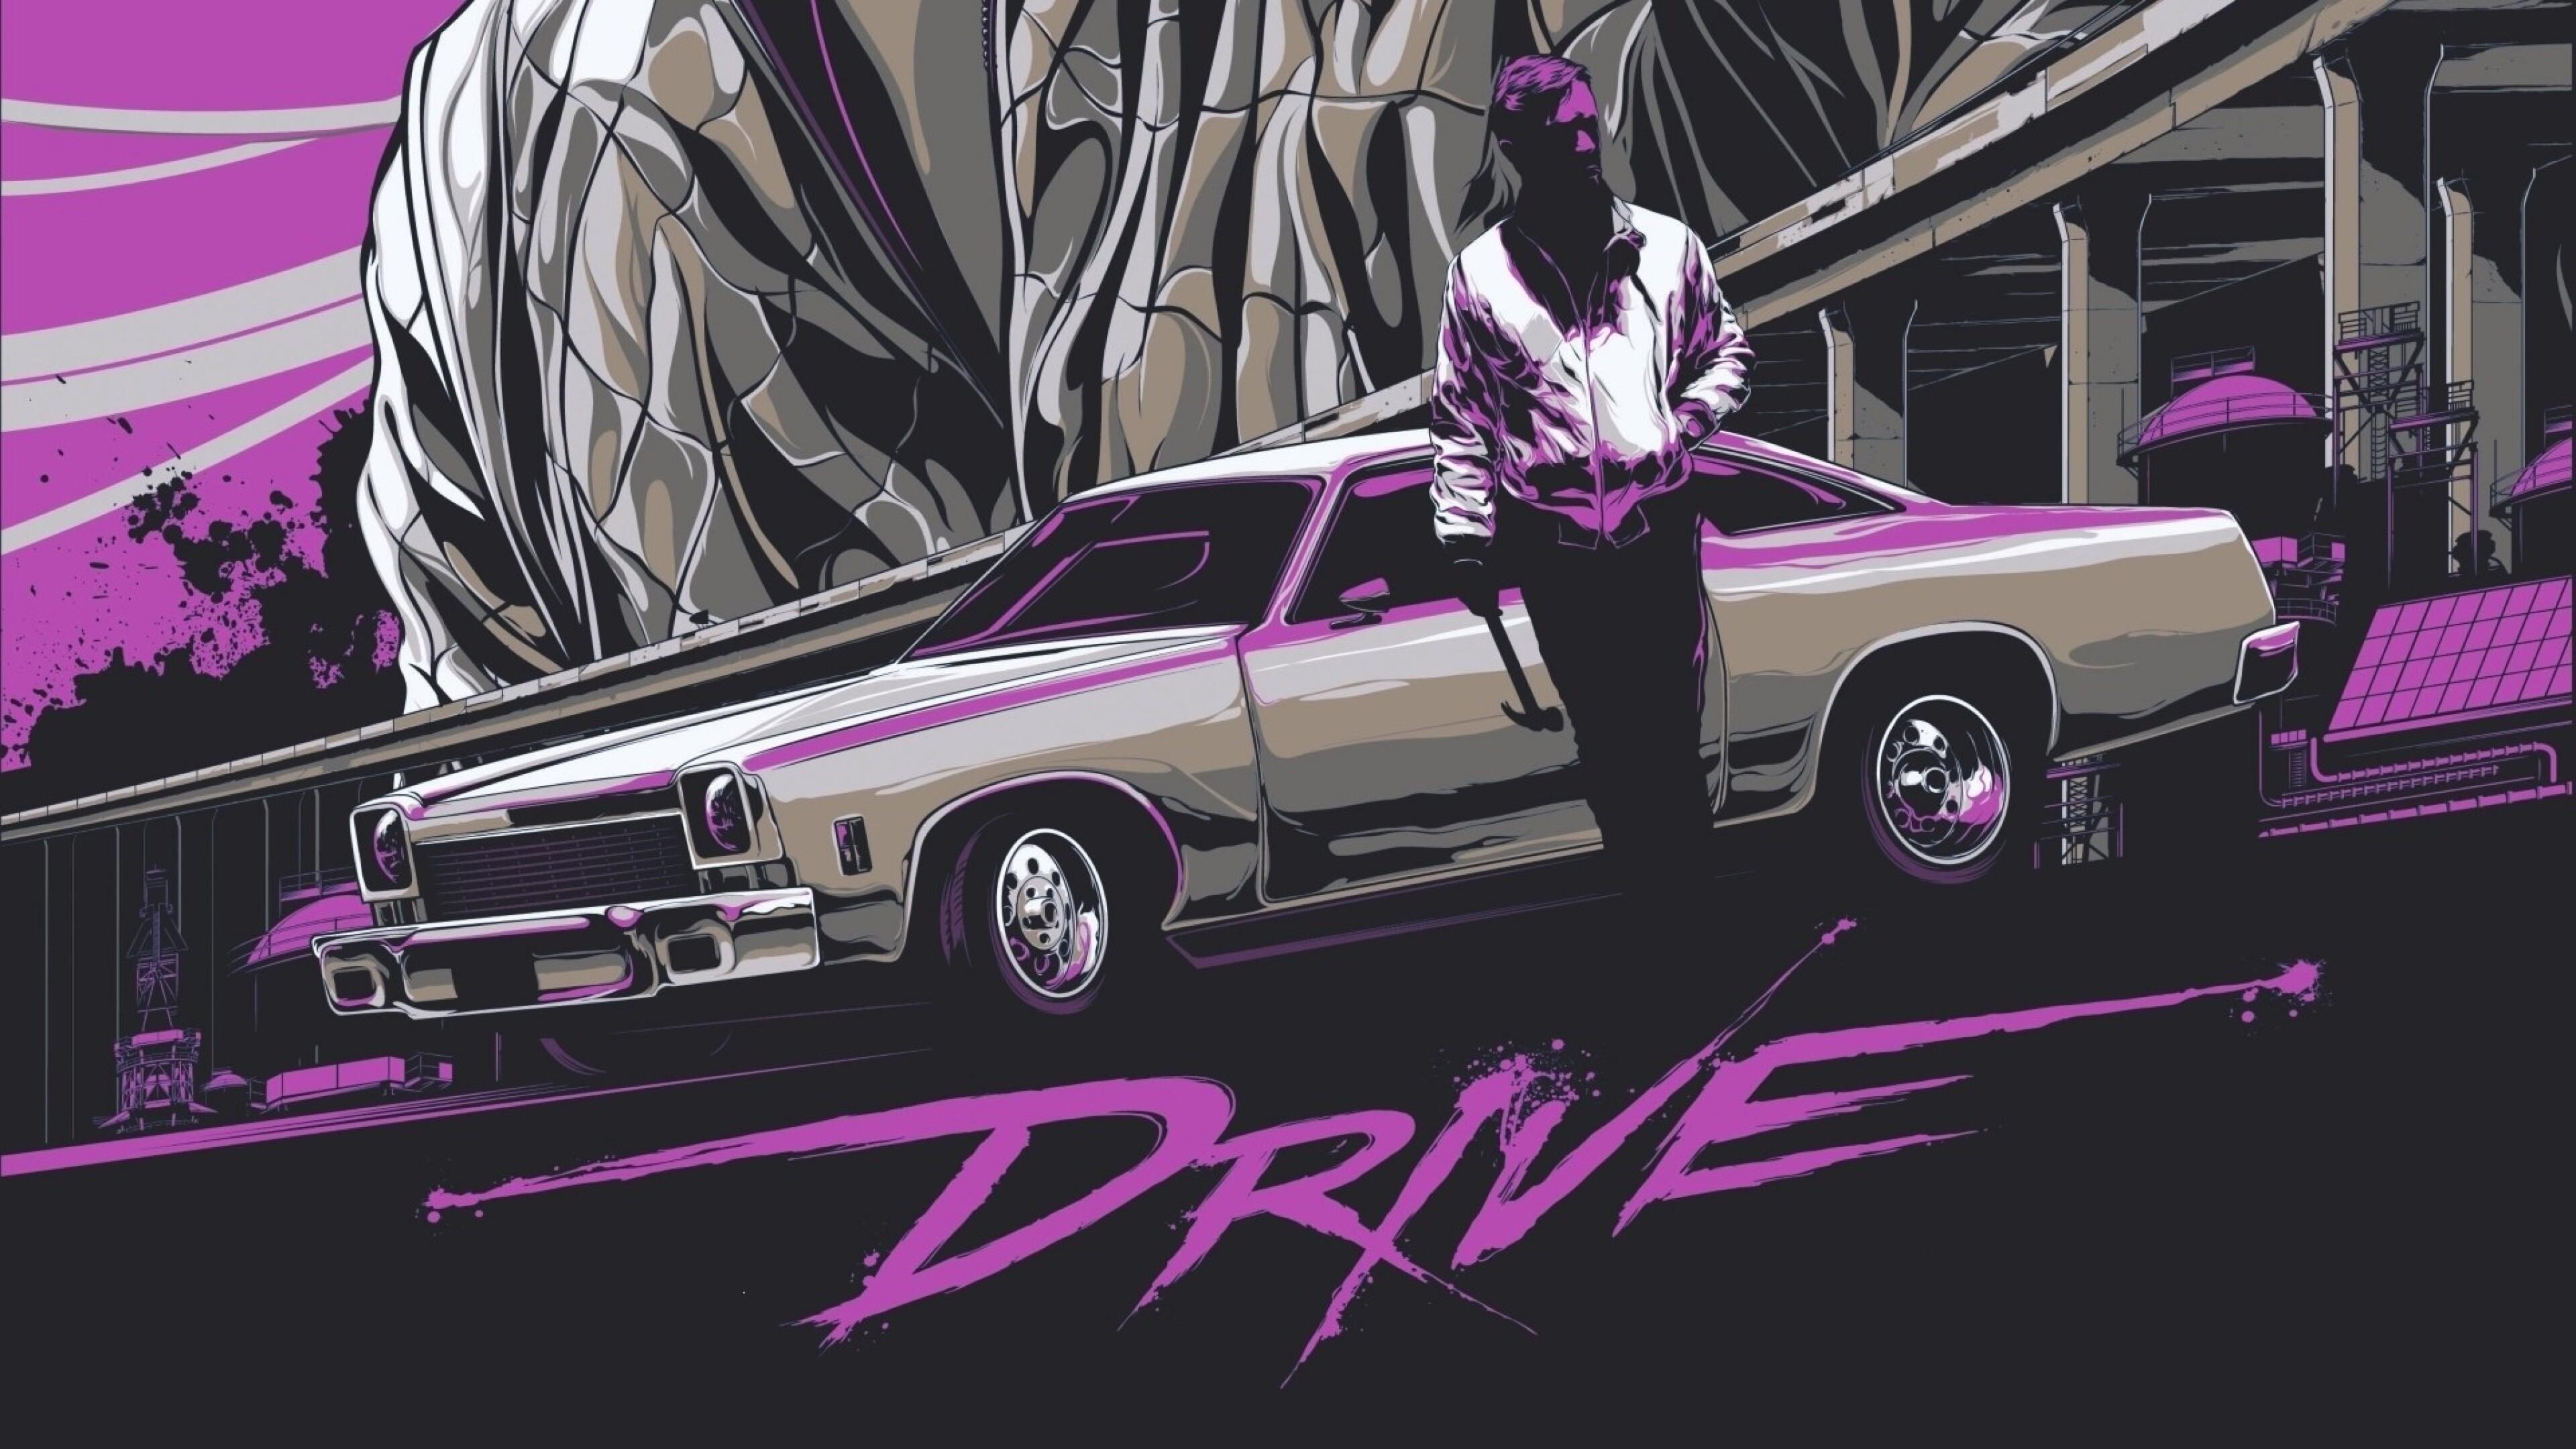 drive-retrowave-4k-pj.jpg